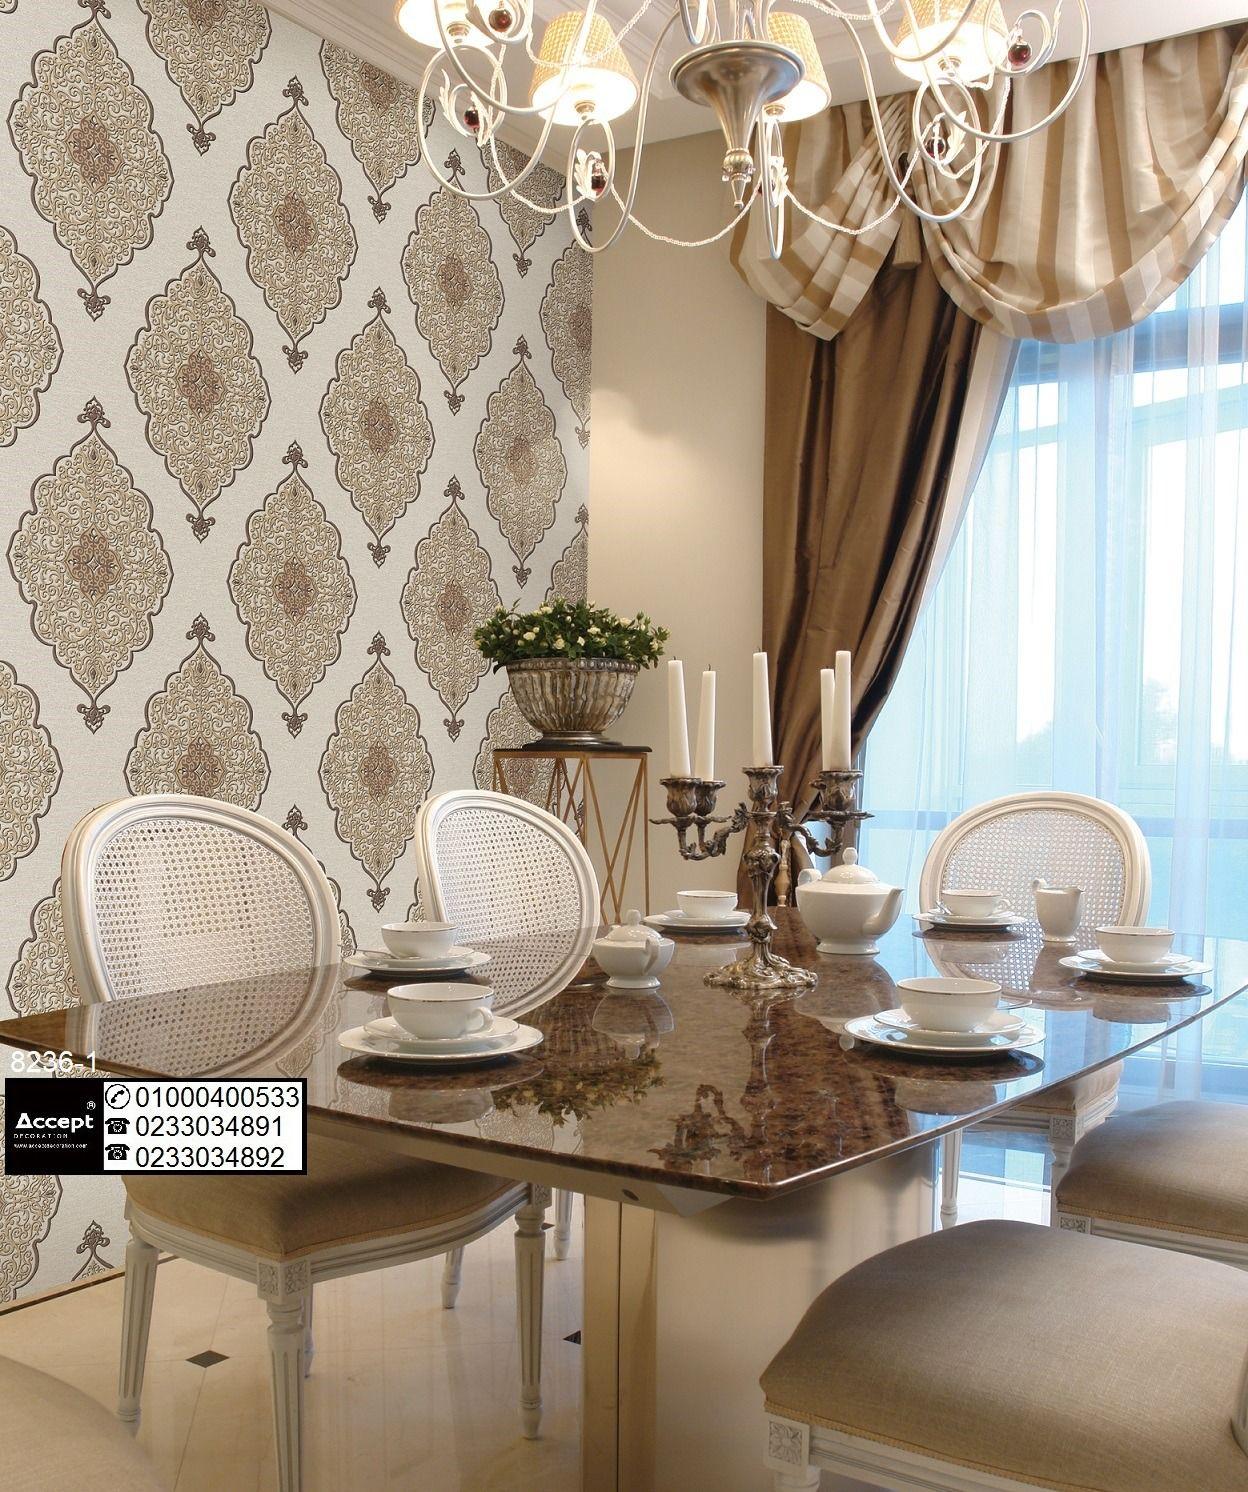 ورق جدران غرف نوم ورق حائط ريسبشن ورق الحائط Home Decor Home Wallpaper